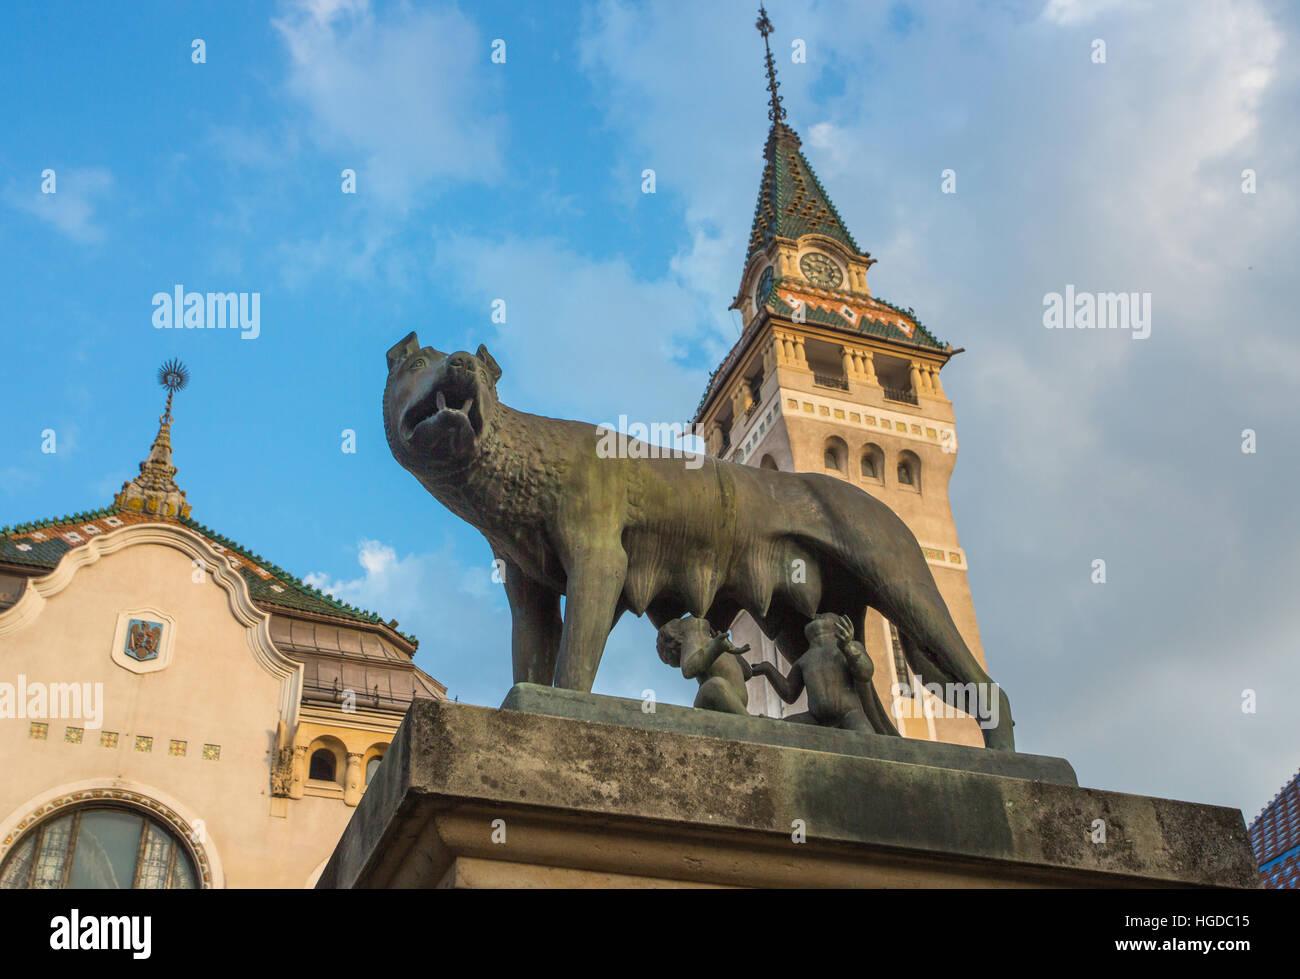 Romania, Targu Mures City, Romulus and Remus Monument, - Stock Image